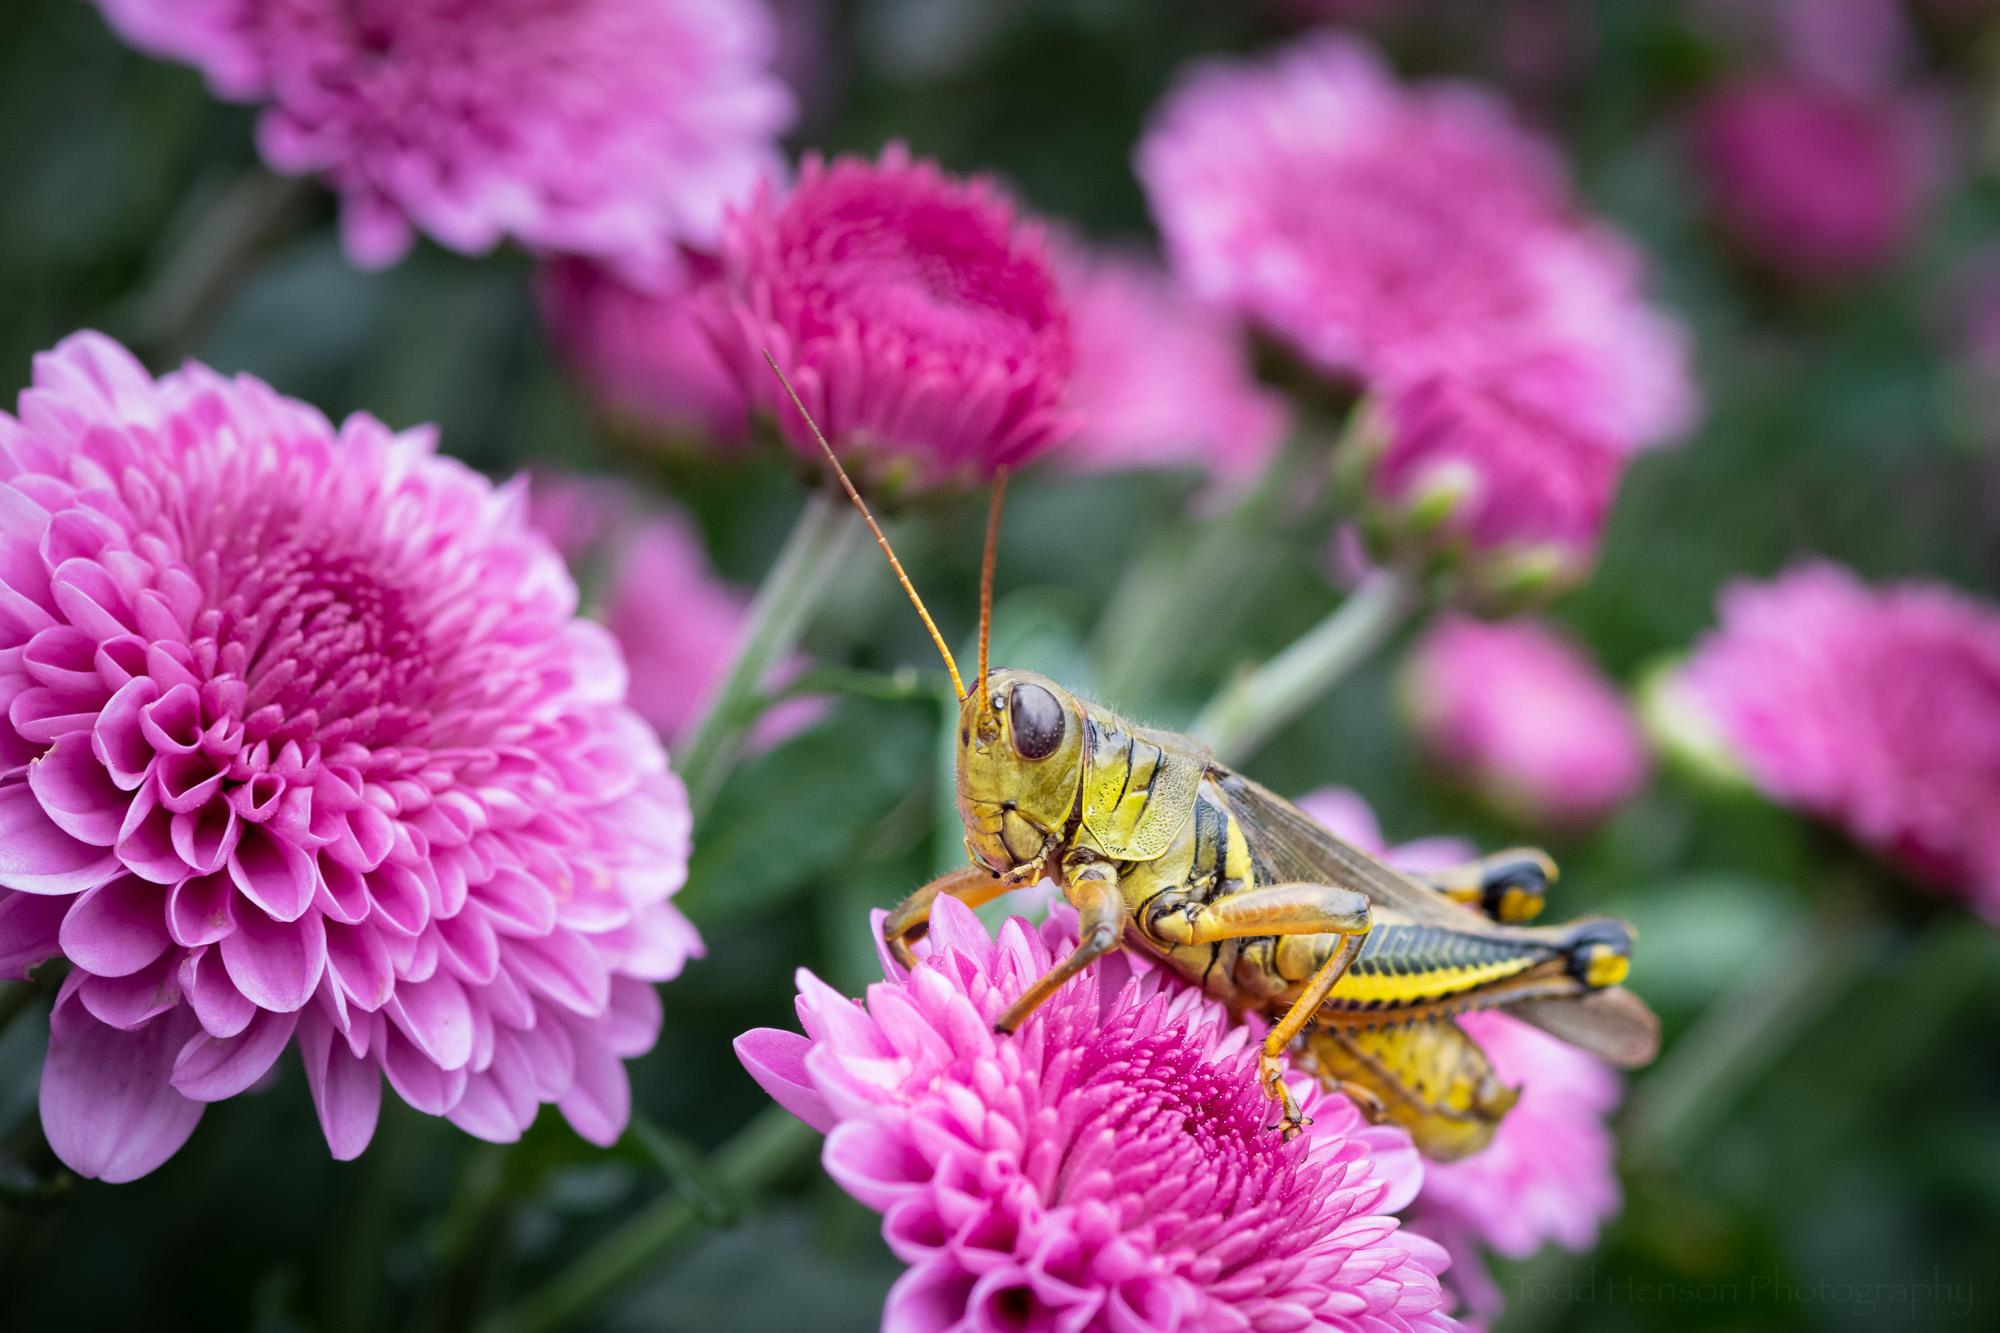 Amongst the Mums , a green grasshopper standing atop a pink chrysanthemum.